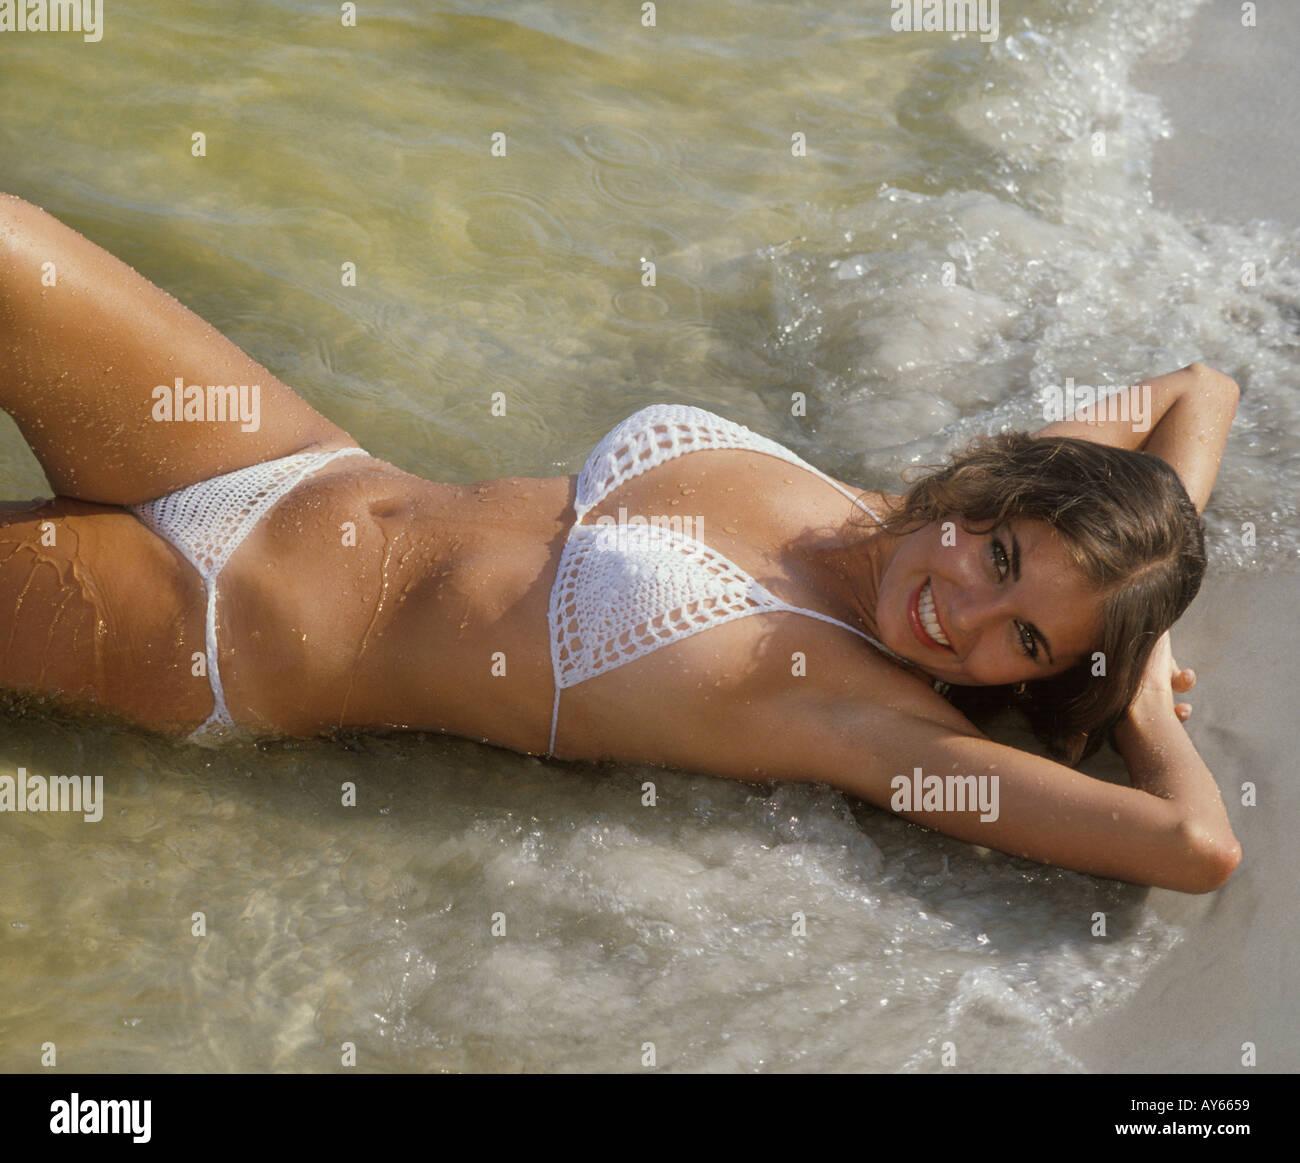 pretty girl in bikini lying in surf at beach - Stock Image